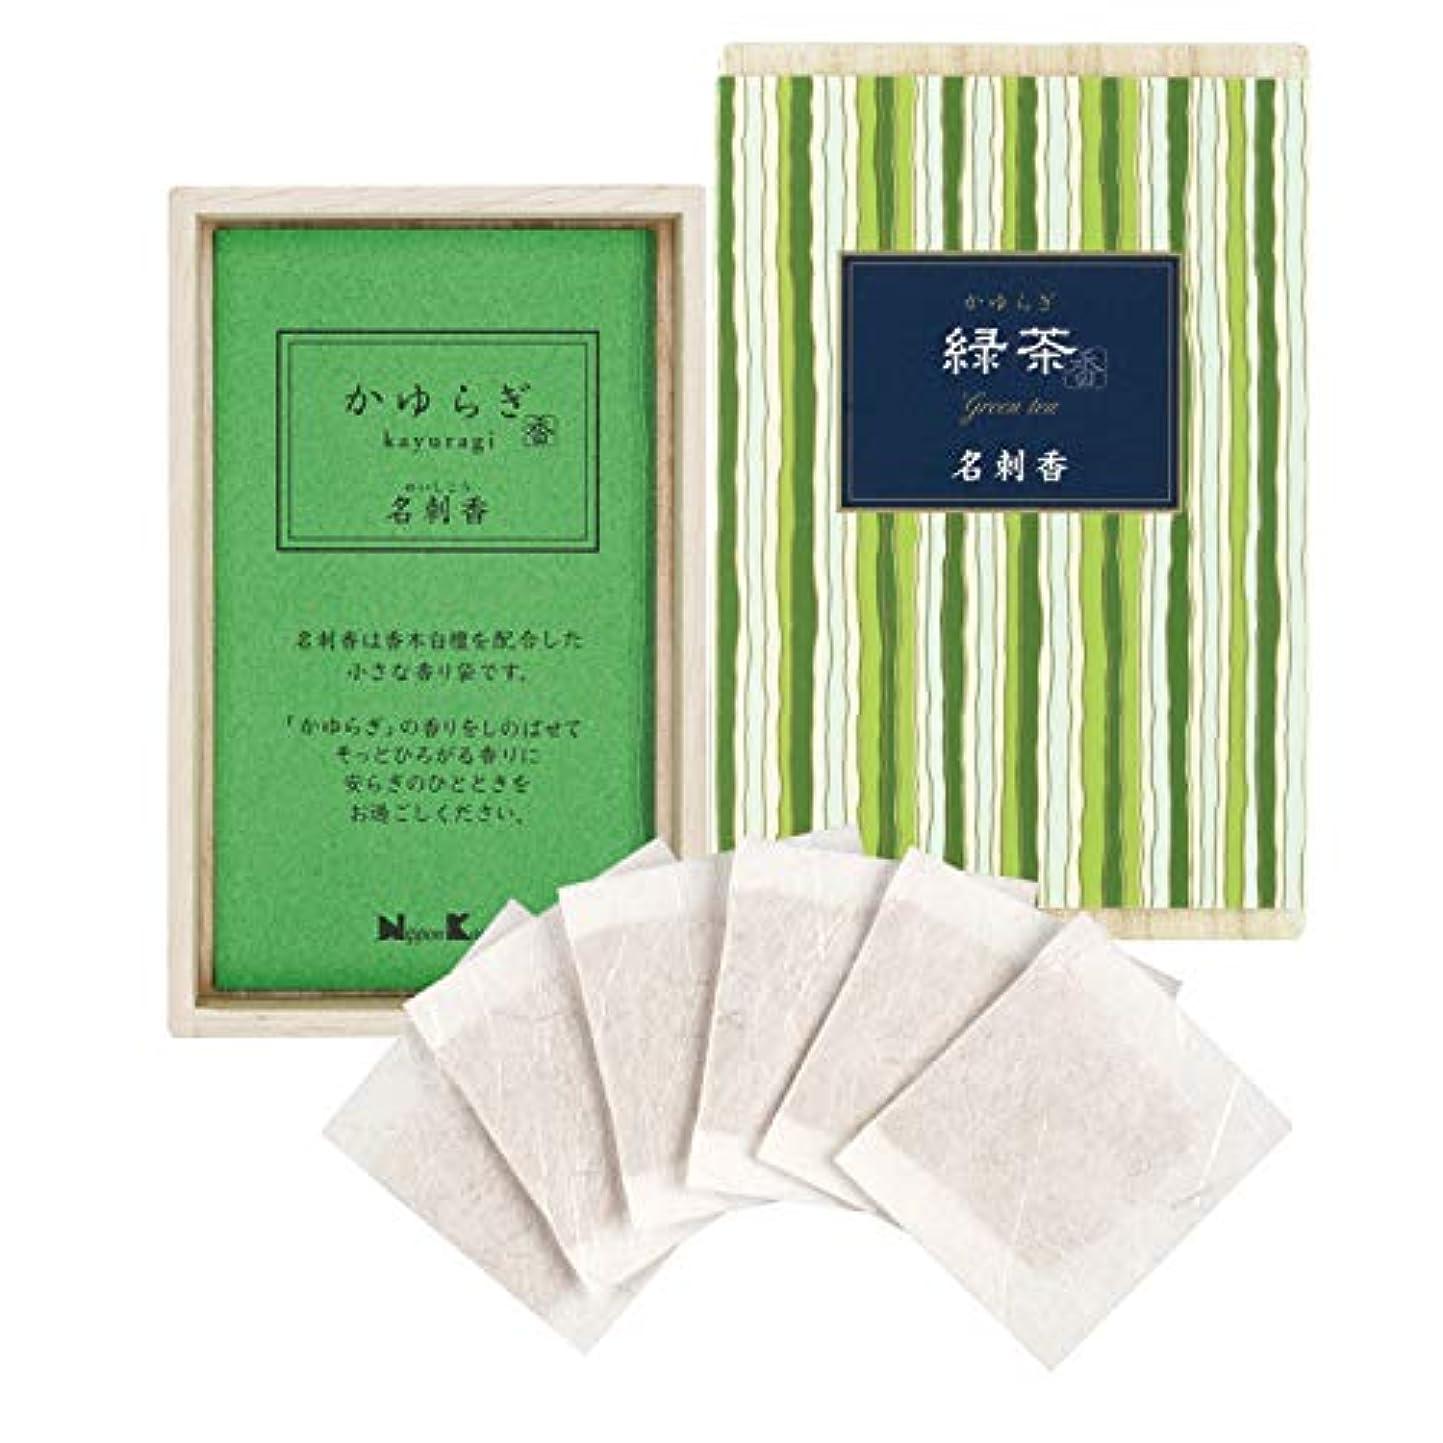 学生寄り添う繁殖かゆらぎ 緑茶 名刺香 桐箱 6入